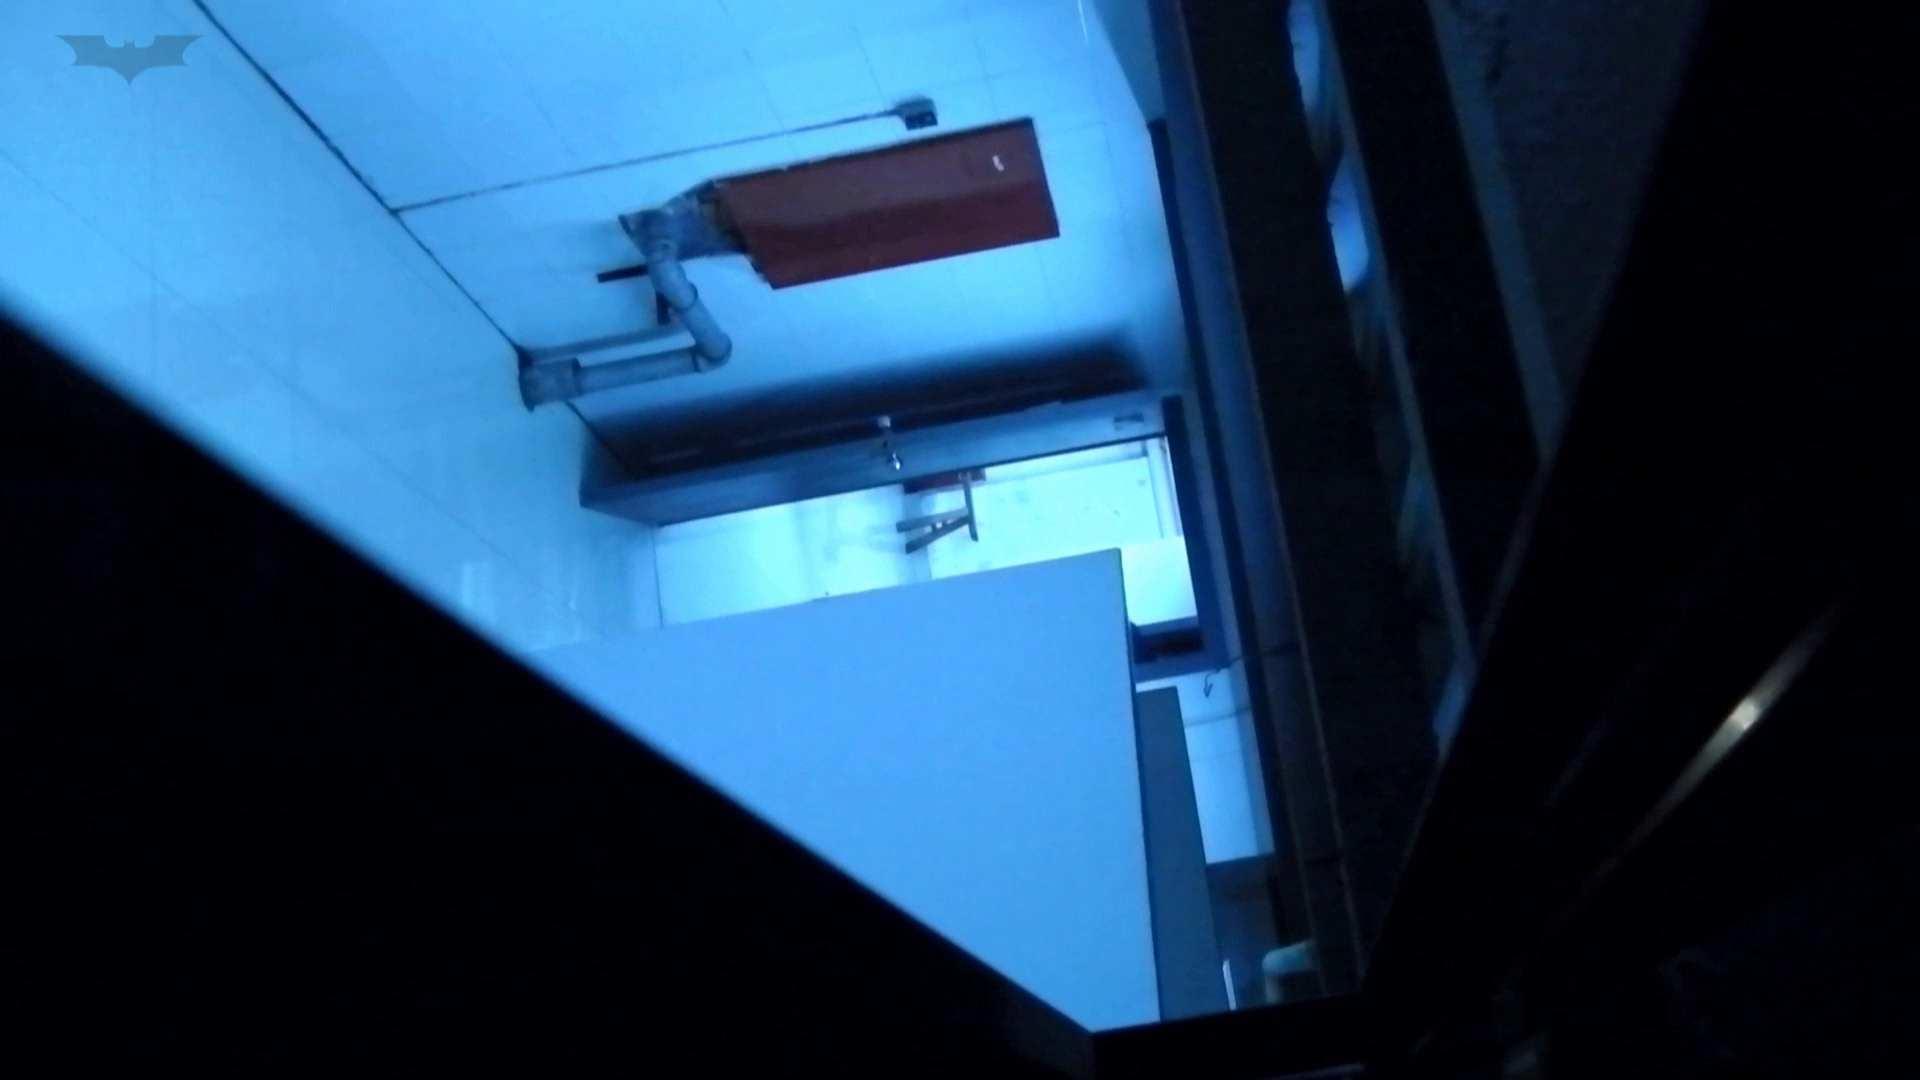 新世界の射窓 No72 モデル級なら個室から飛び出て追っかけます お姉さんのSEX  108枚 12